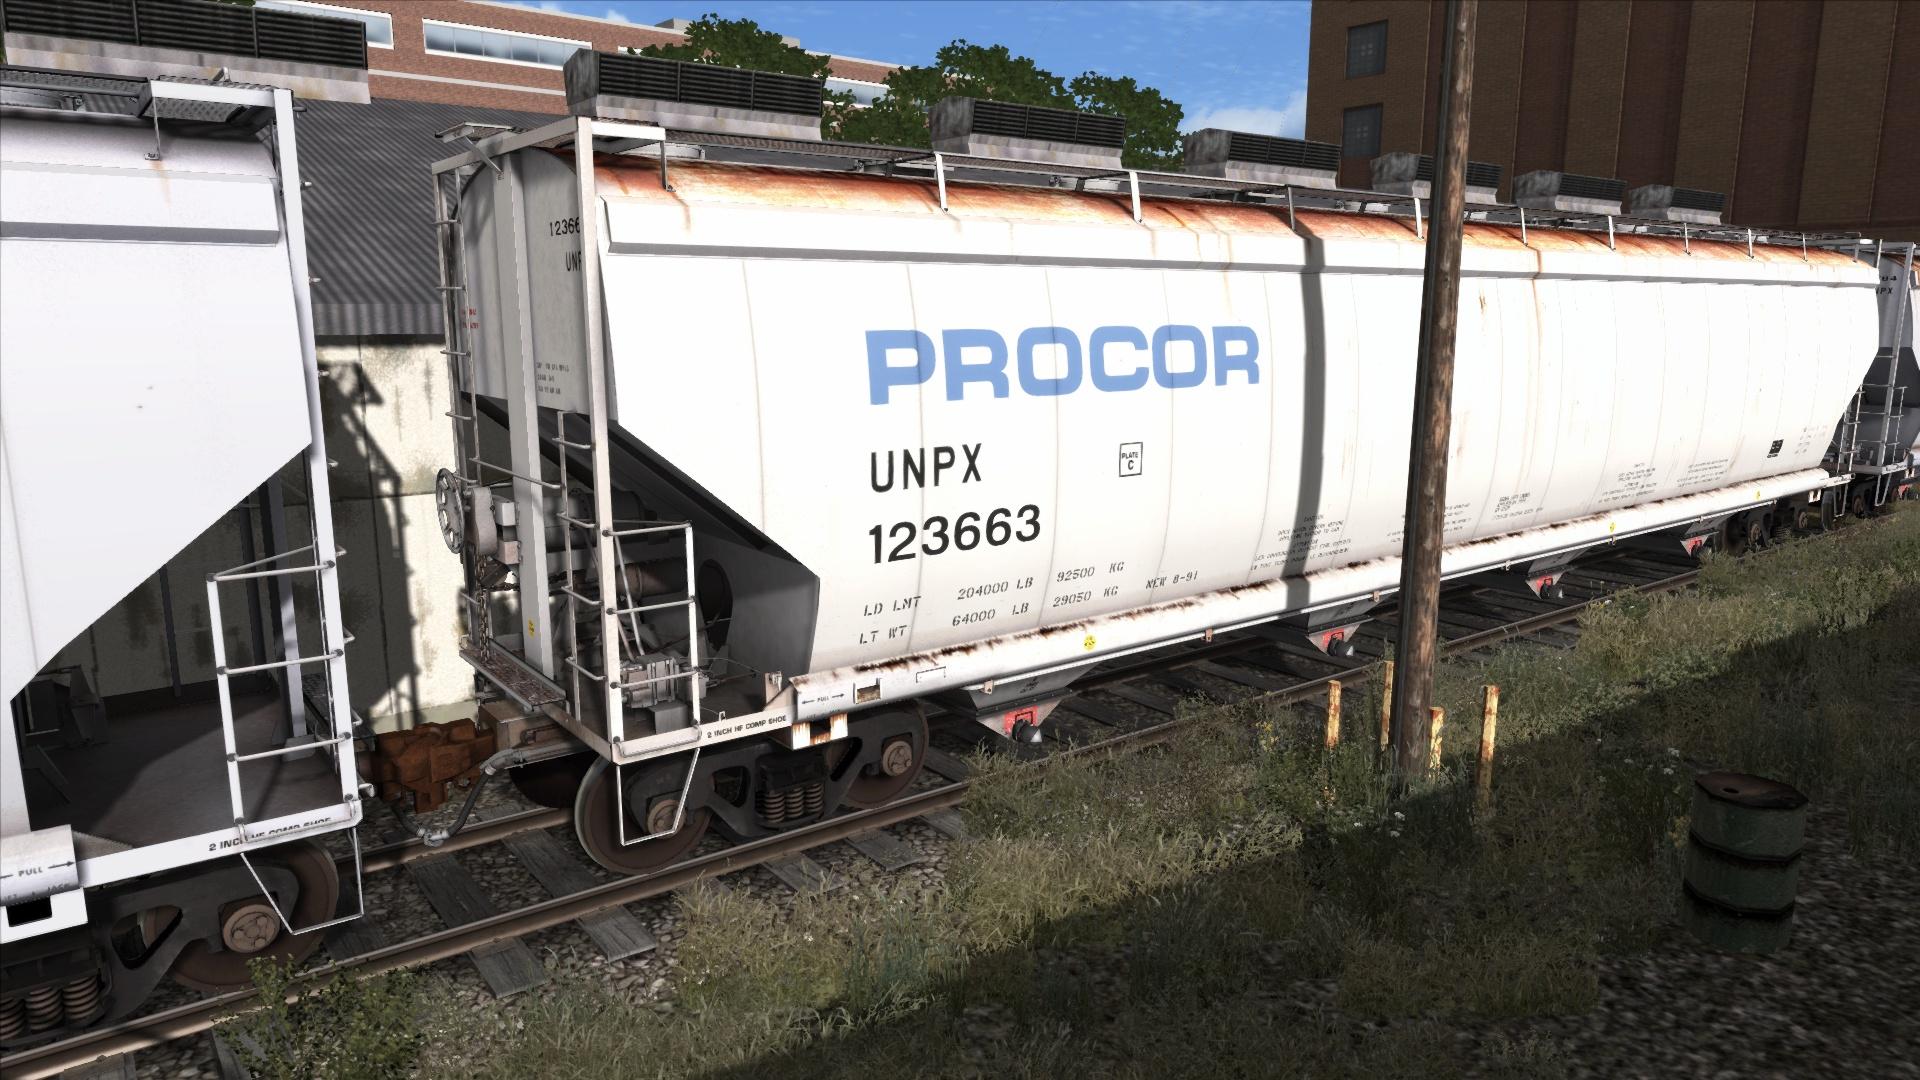 Nsc 5810 Cuft Pellet Hopper Car Railworks Ts2017 Unpx Procor